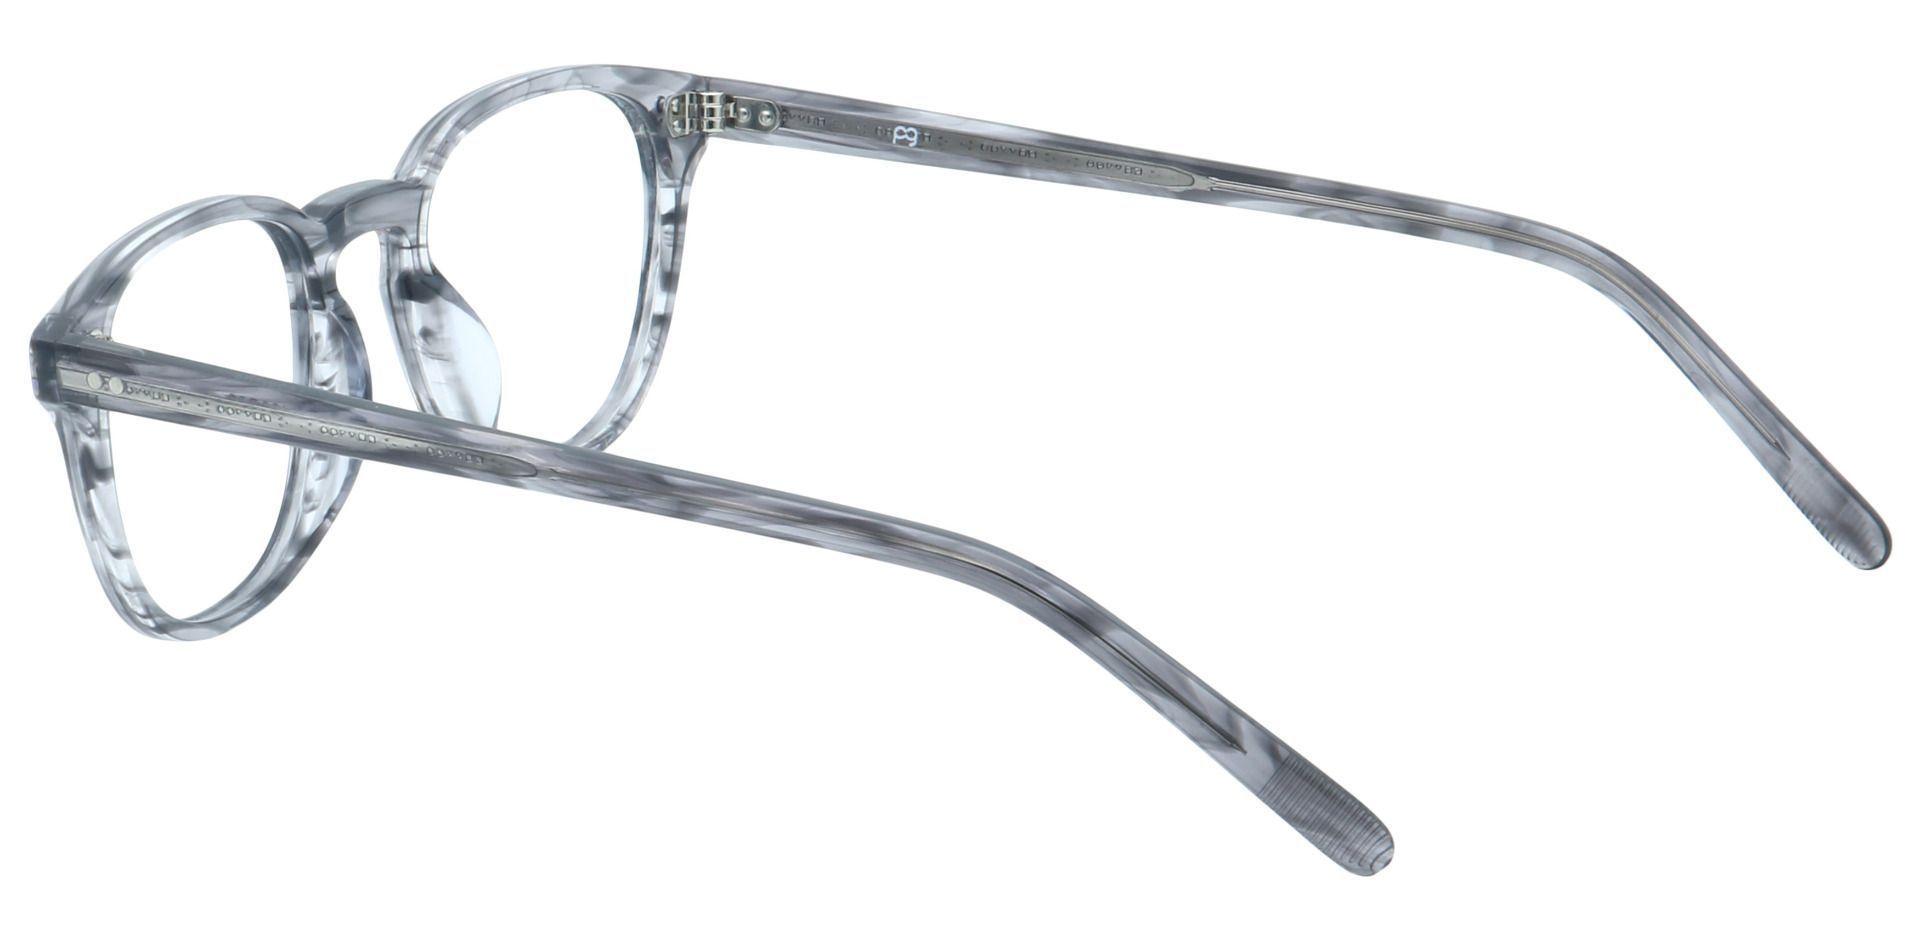 Nevada Square Prescription Glasses - Gray